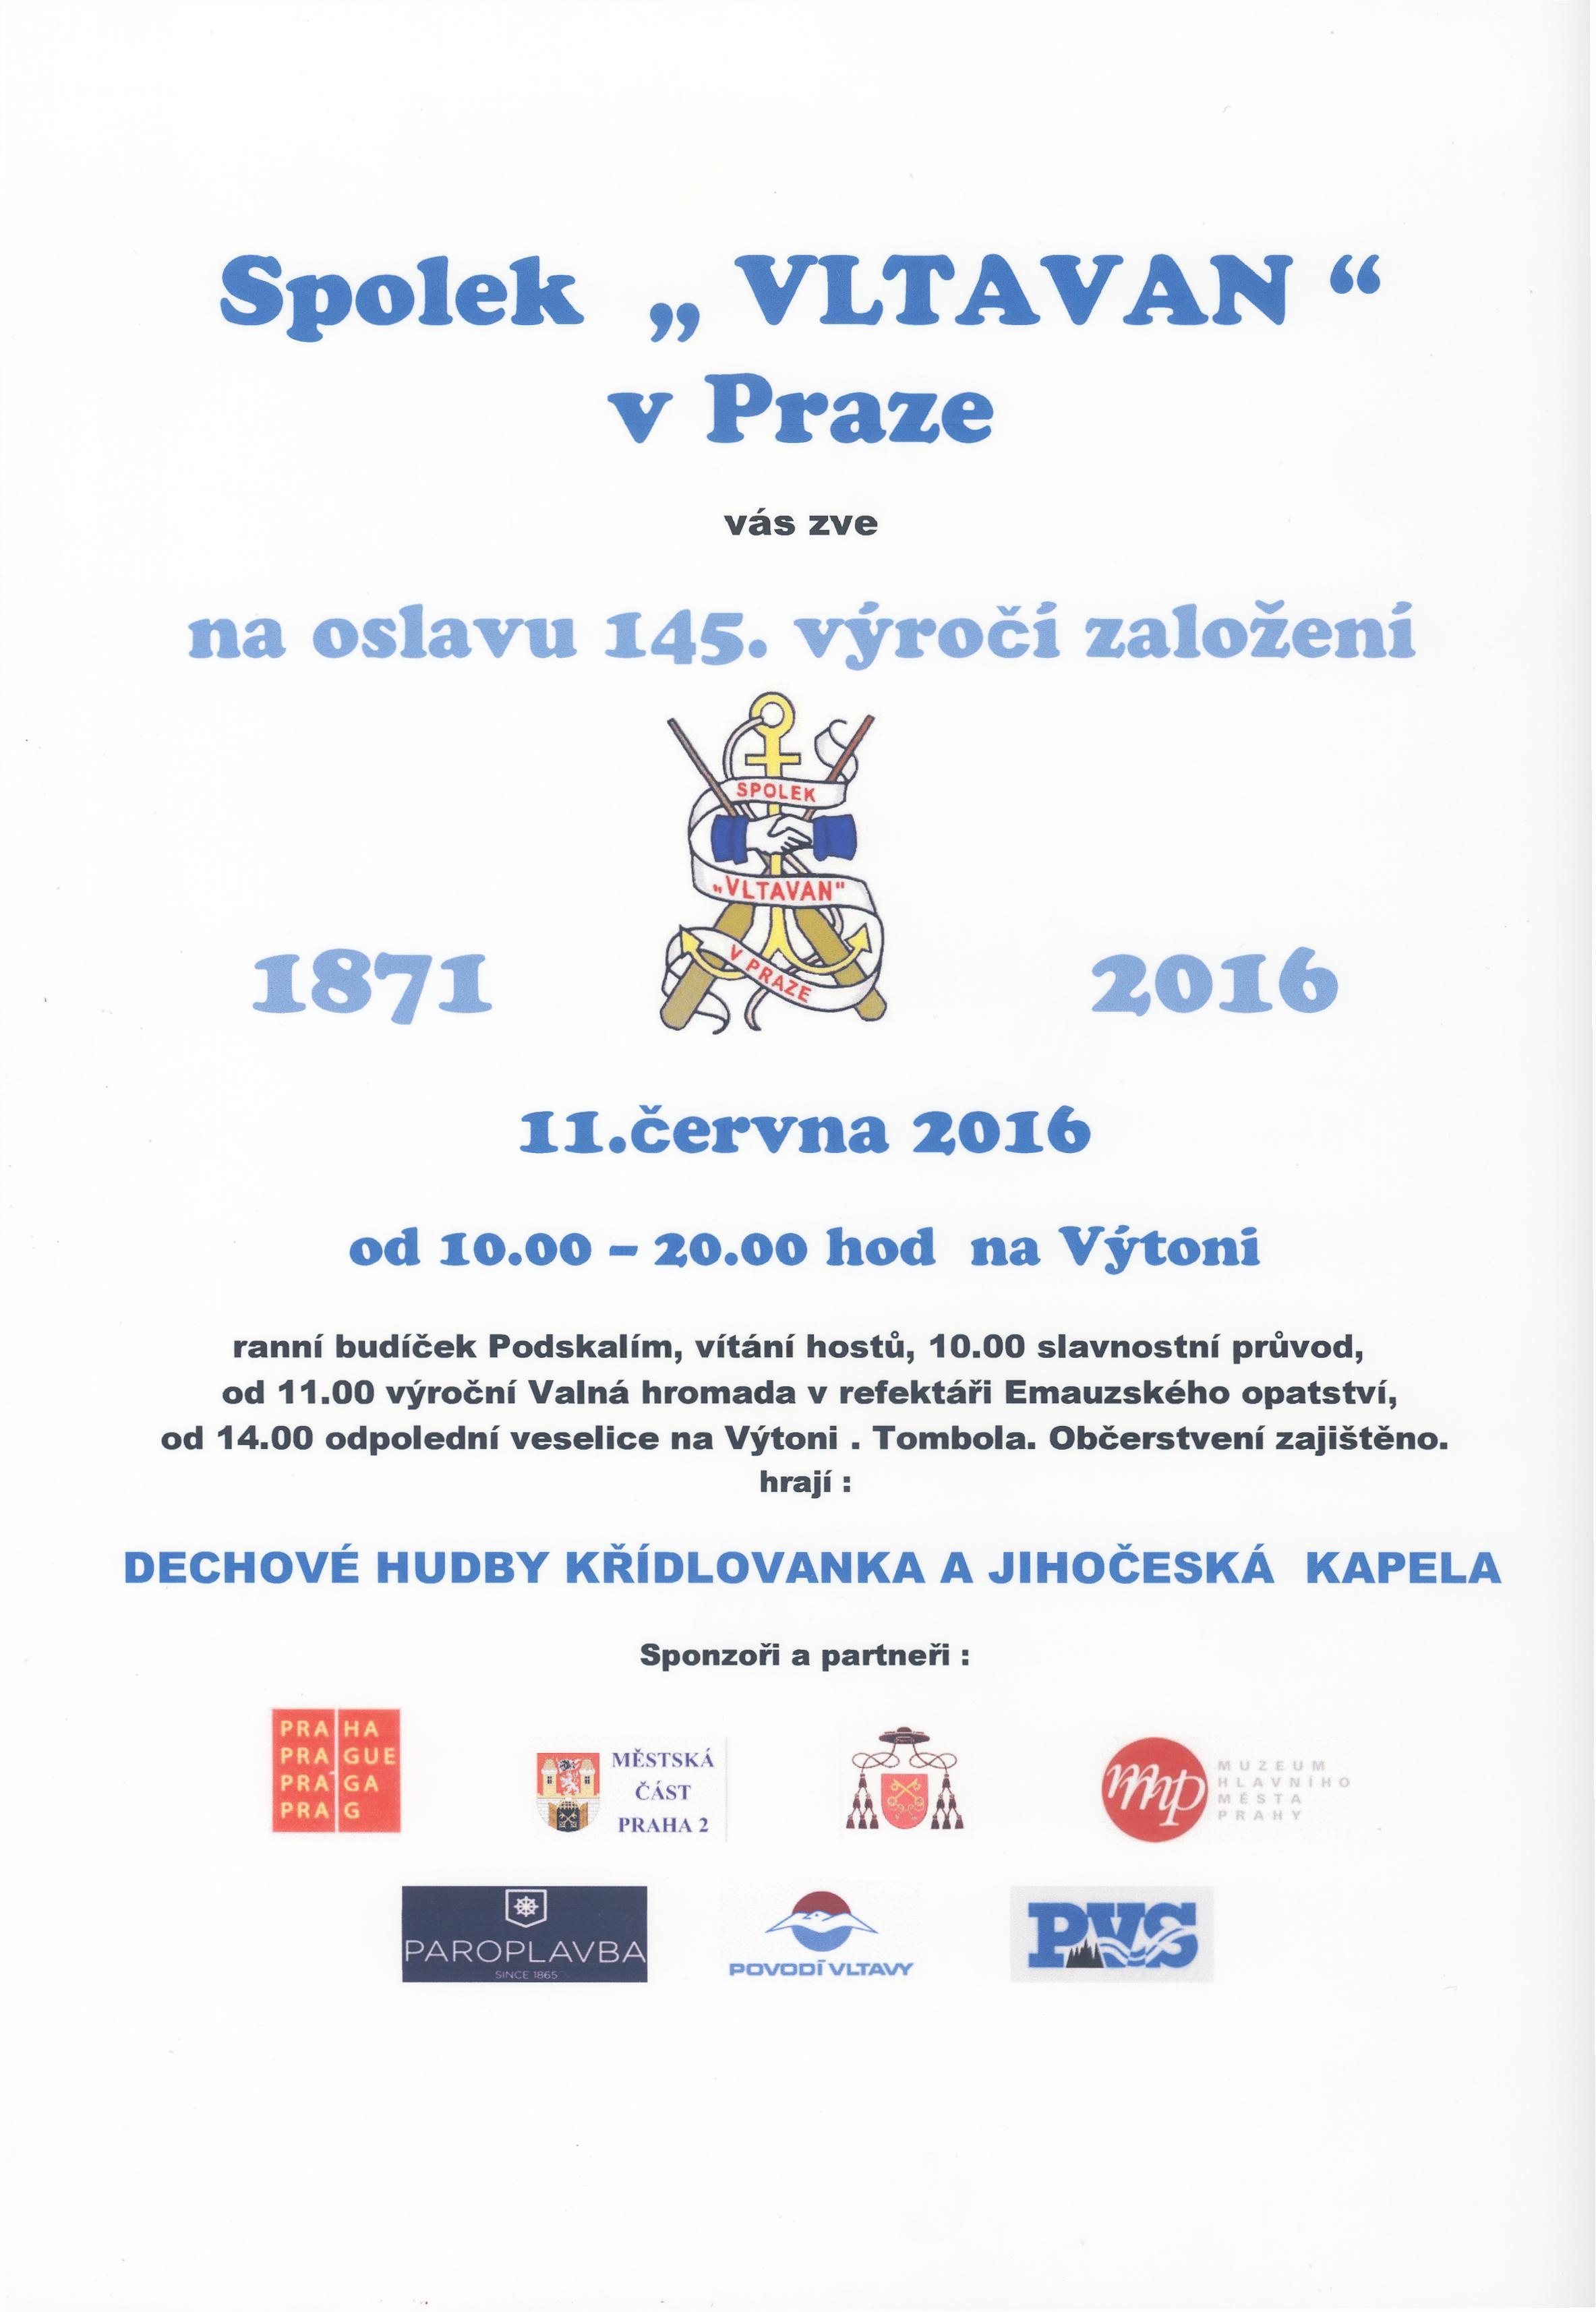 Plakát na výročí